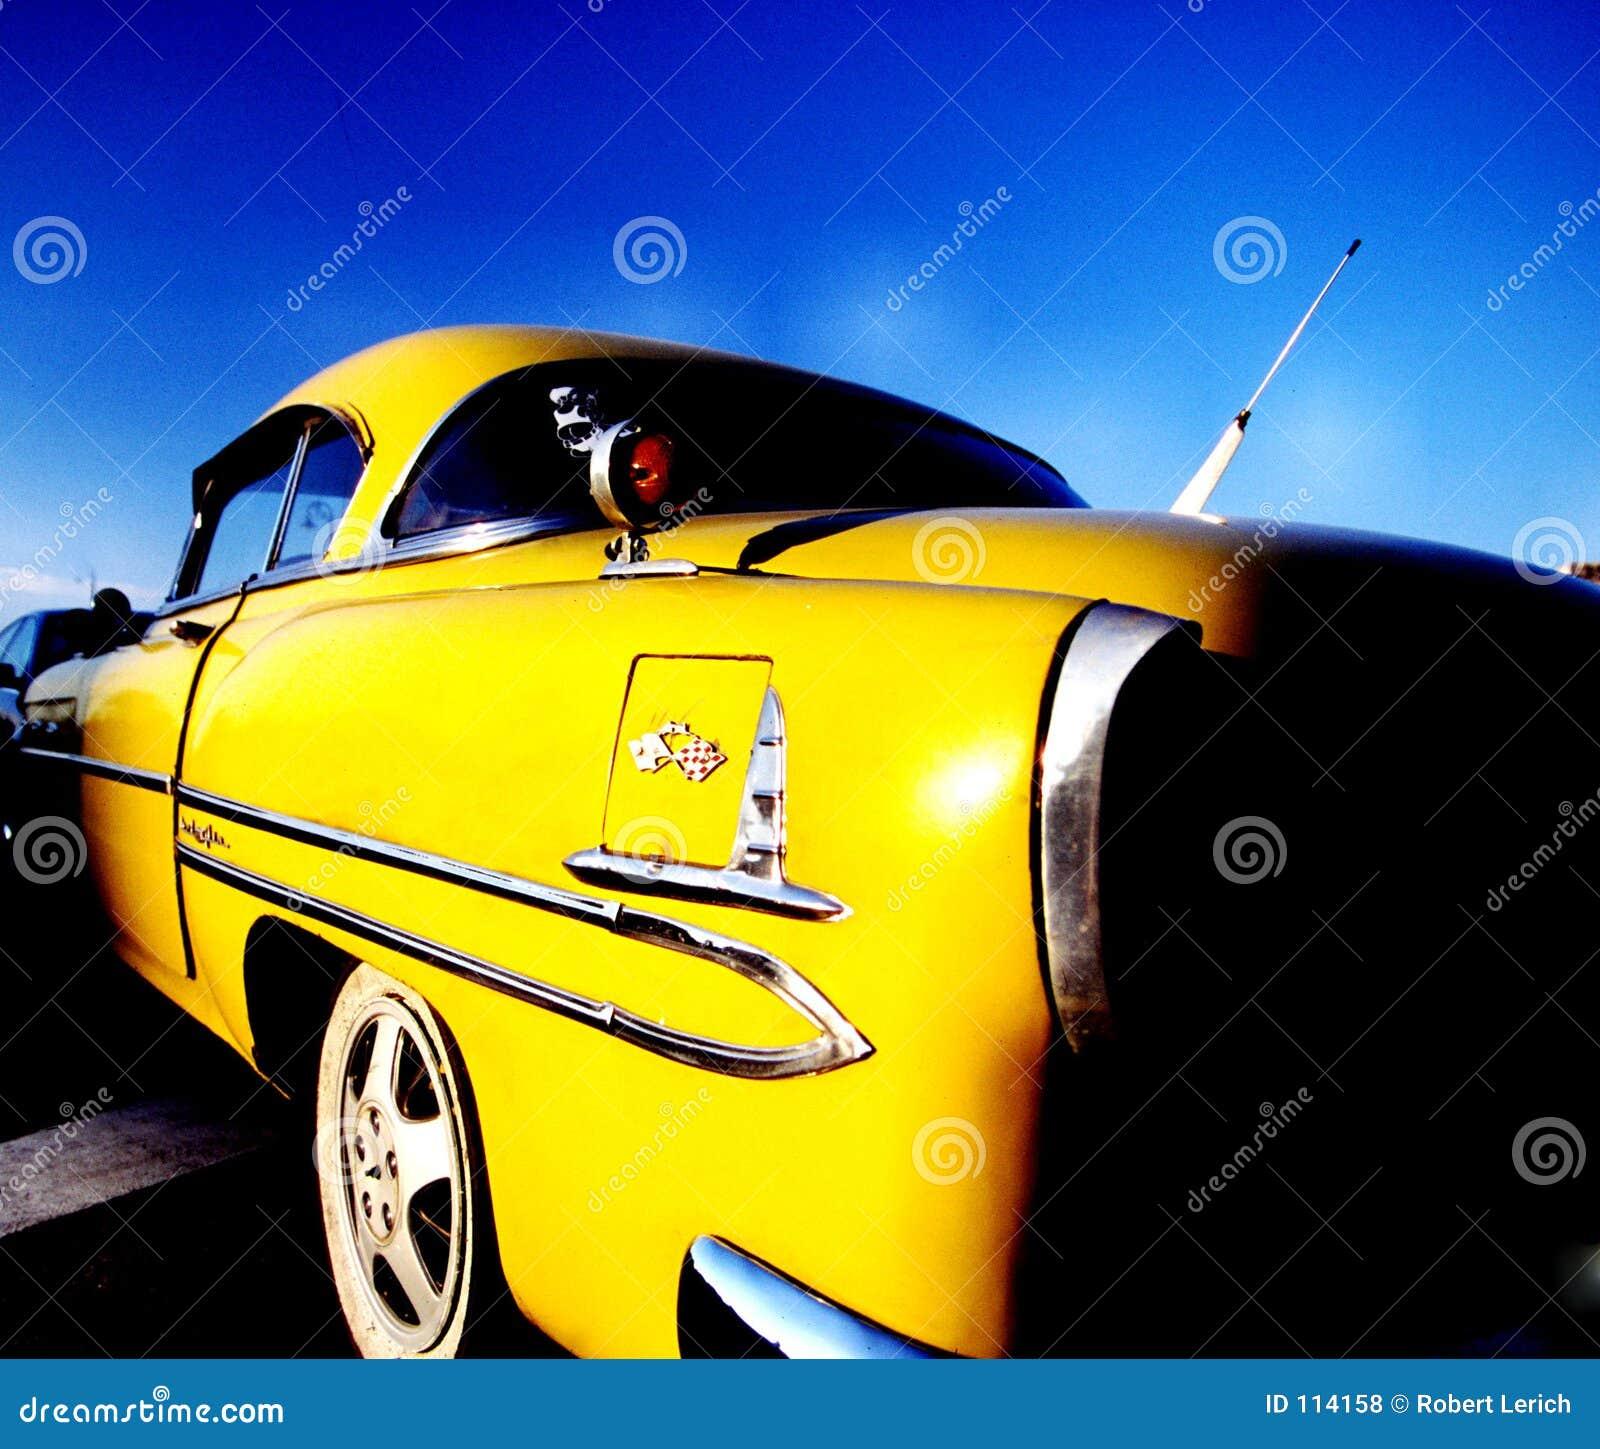 Chevy 1950 s